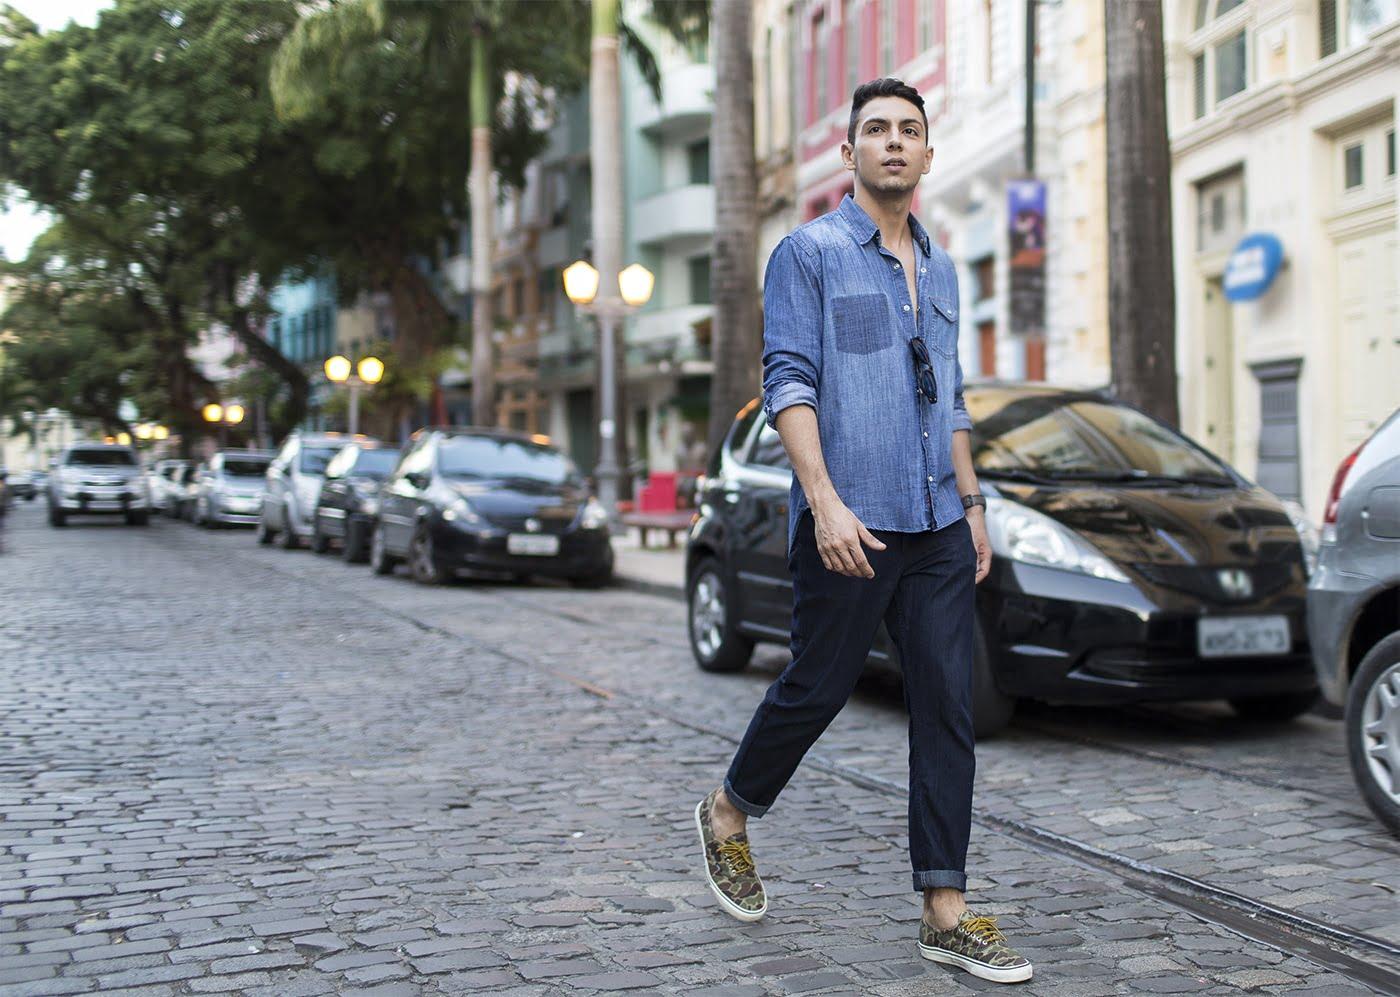 Juan Alves Total Jeans Homens que se cuidam 8